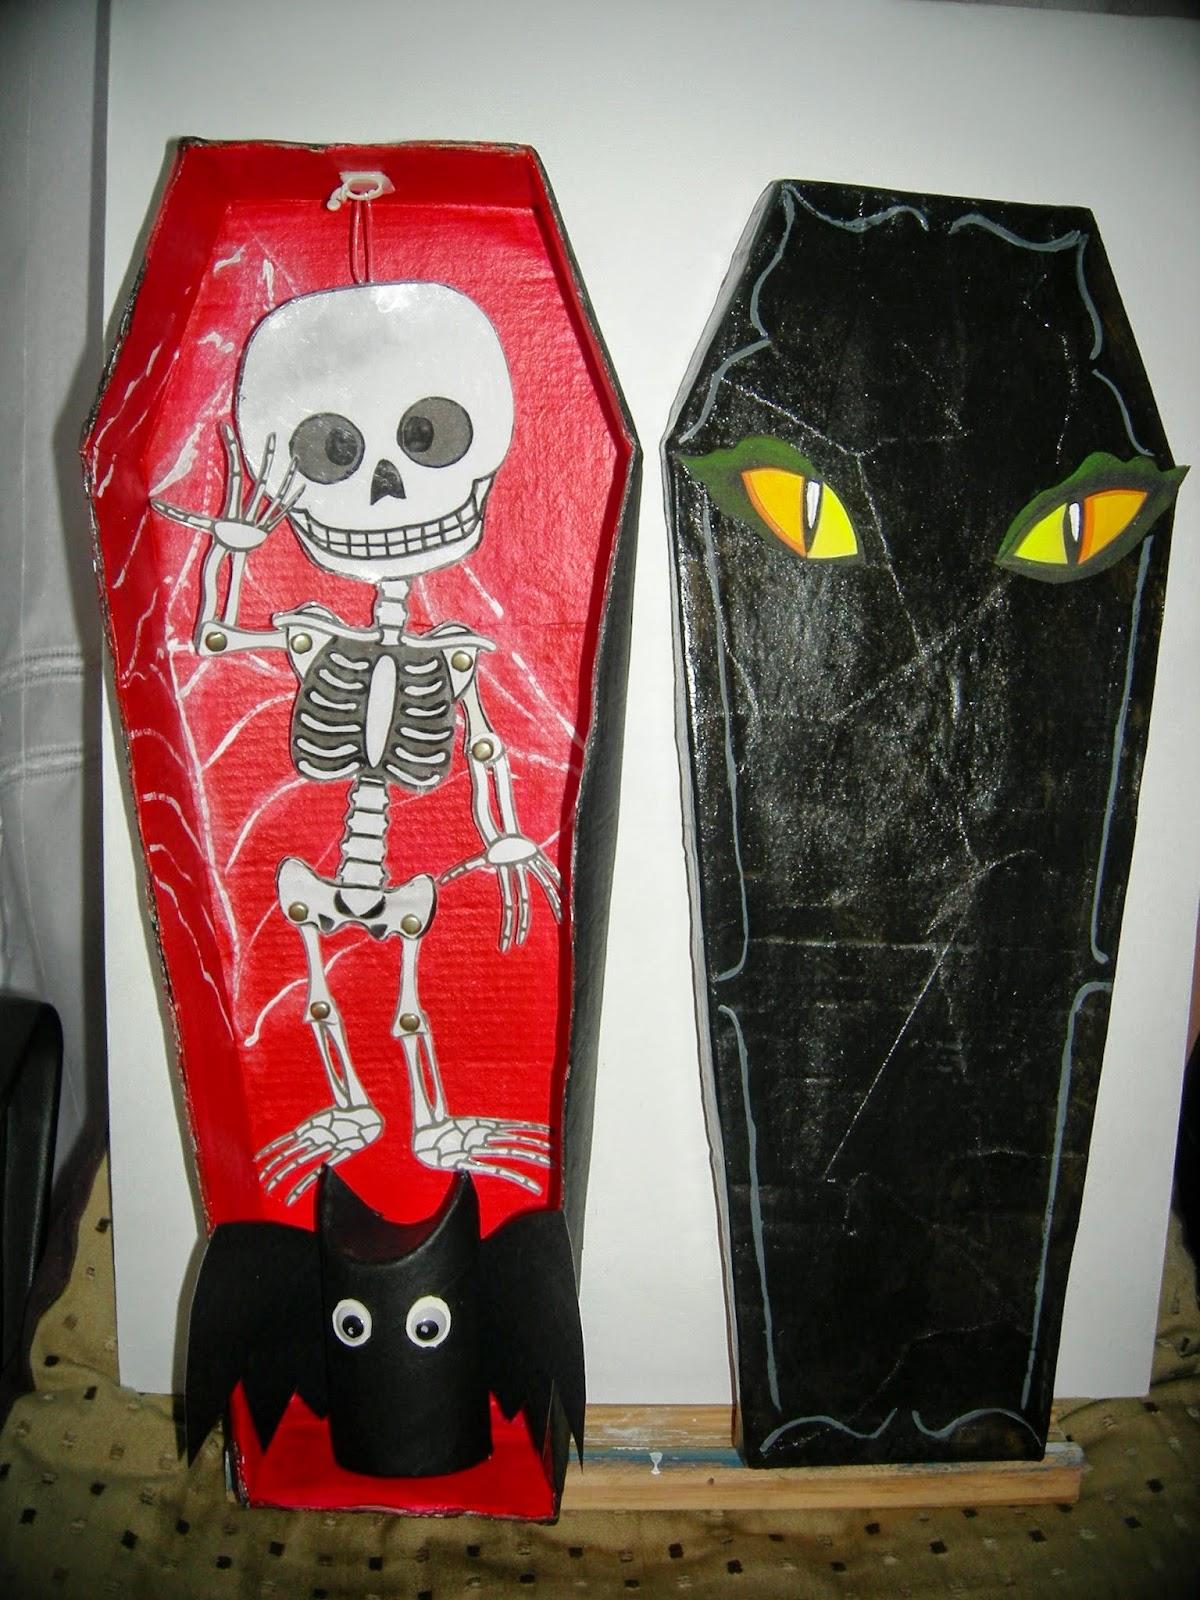 Arte gabrielle adornos decorativos para halloween - Adornos de halloween ...